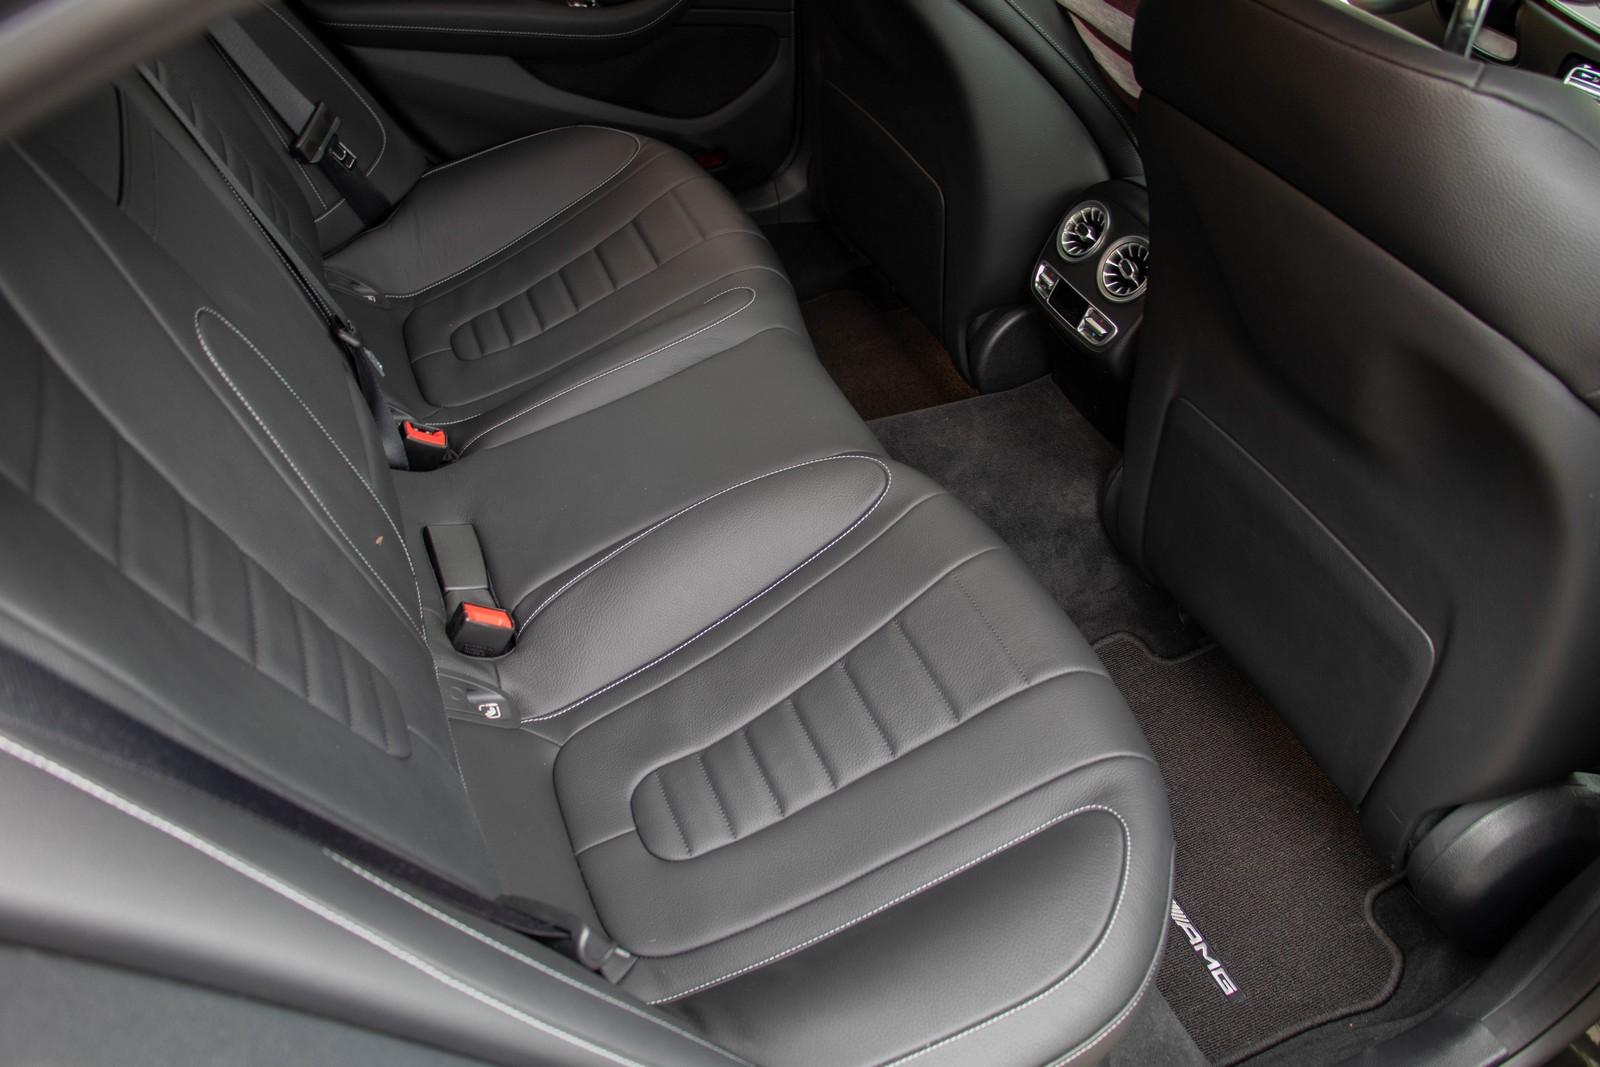 Mercedes-Benz CLS 400d Rear Seats